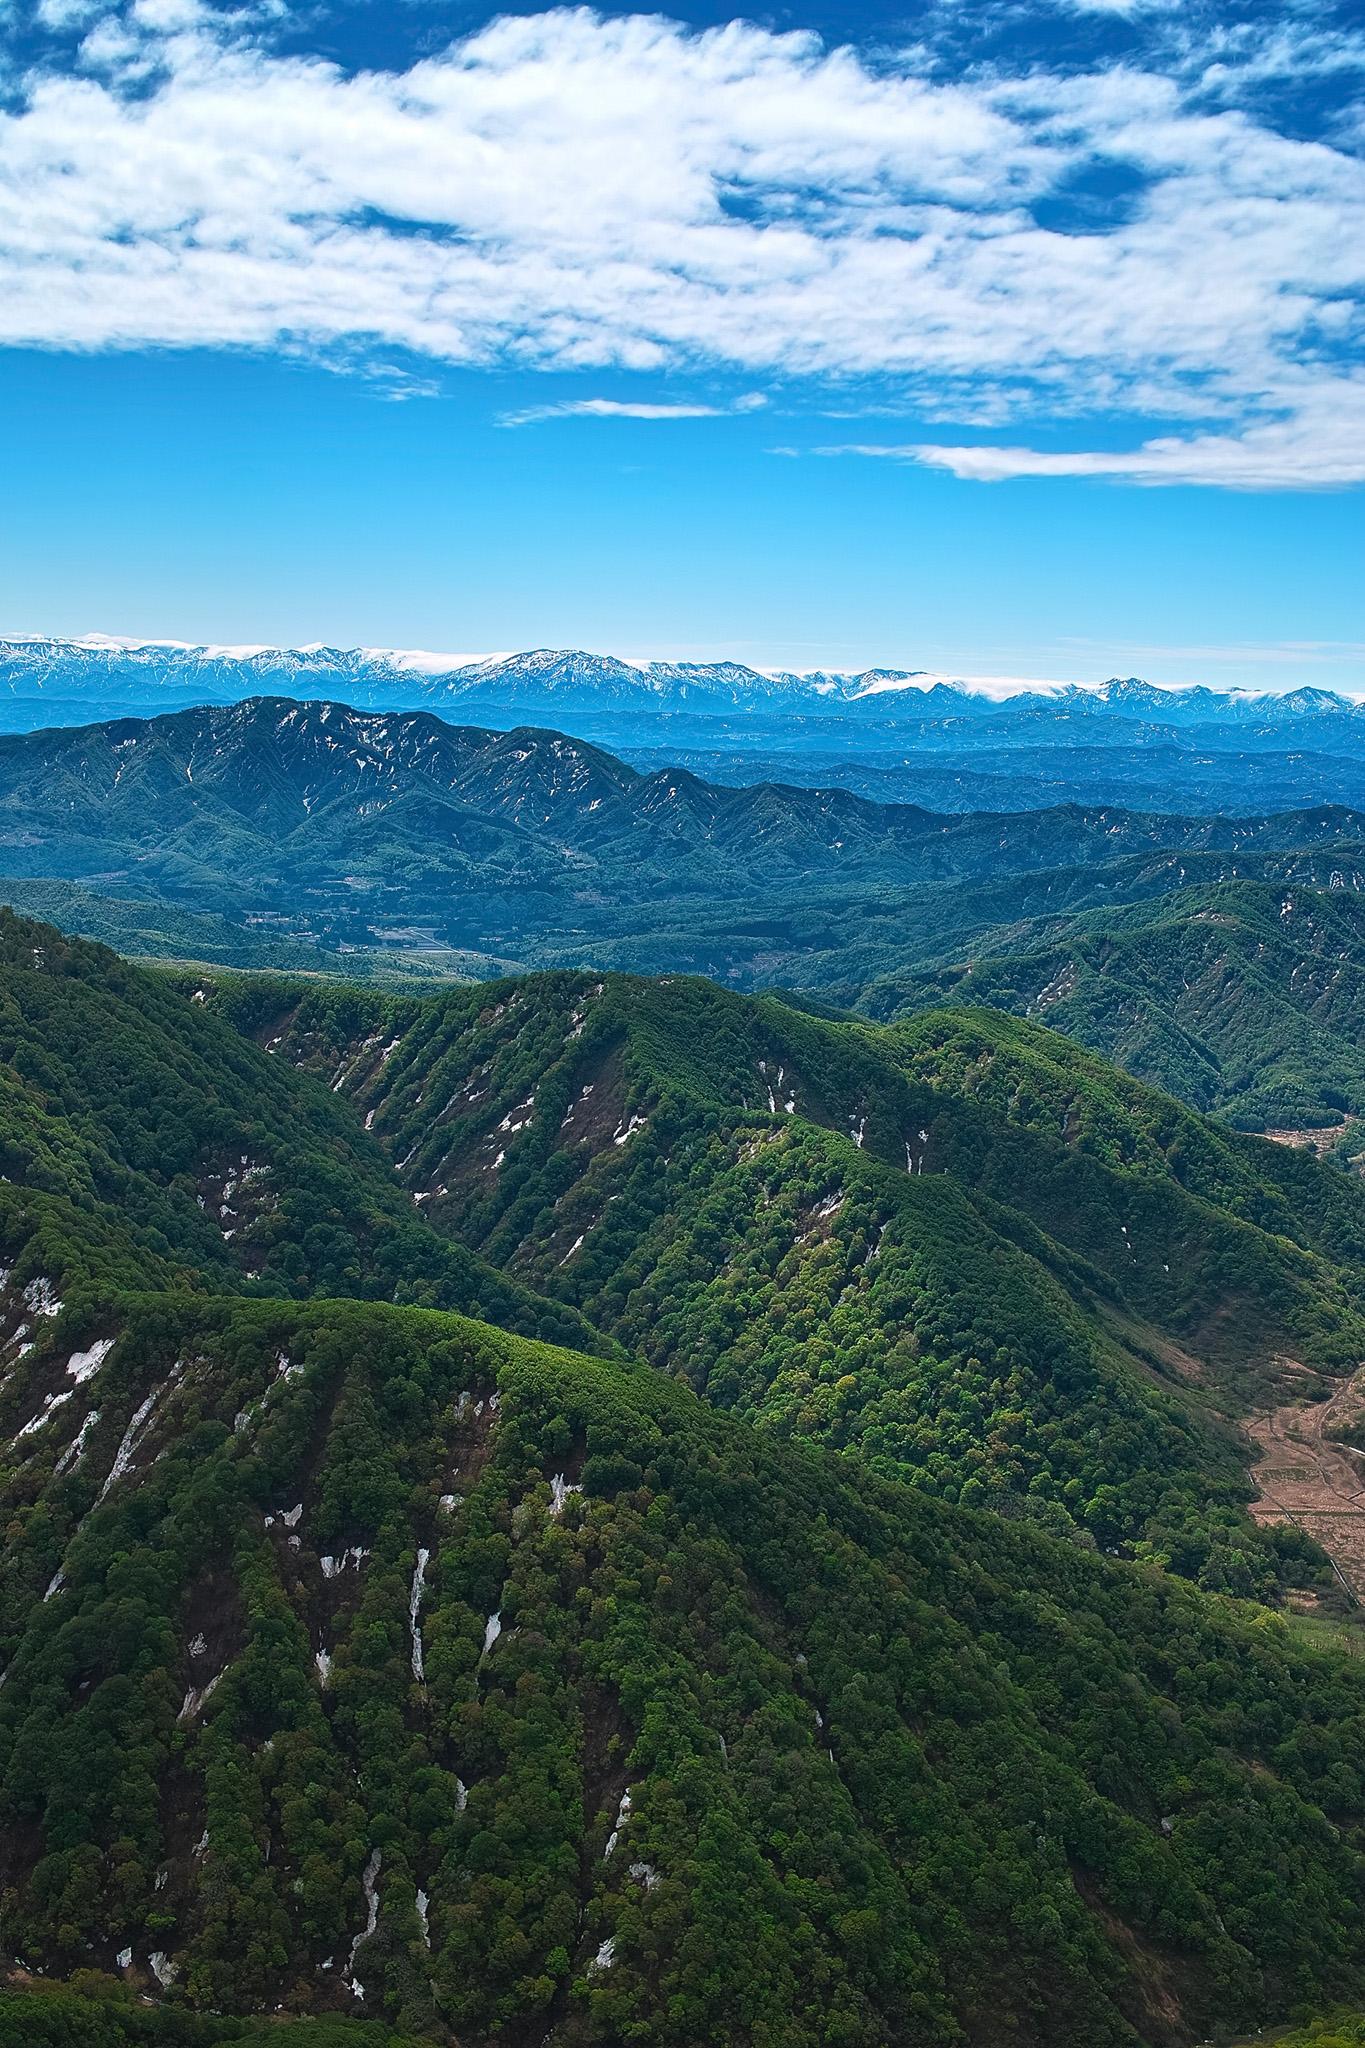 「四季の山」の素材を無料ダウンロード